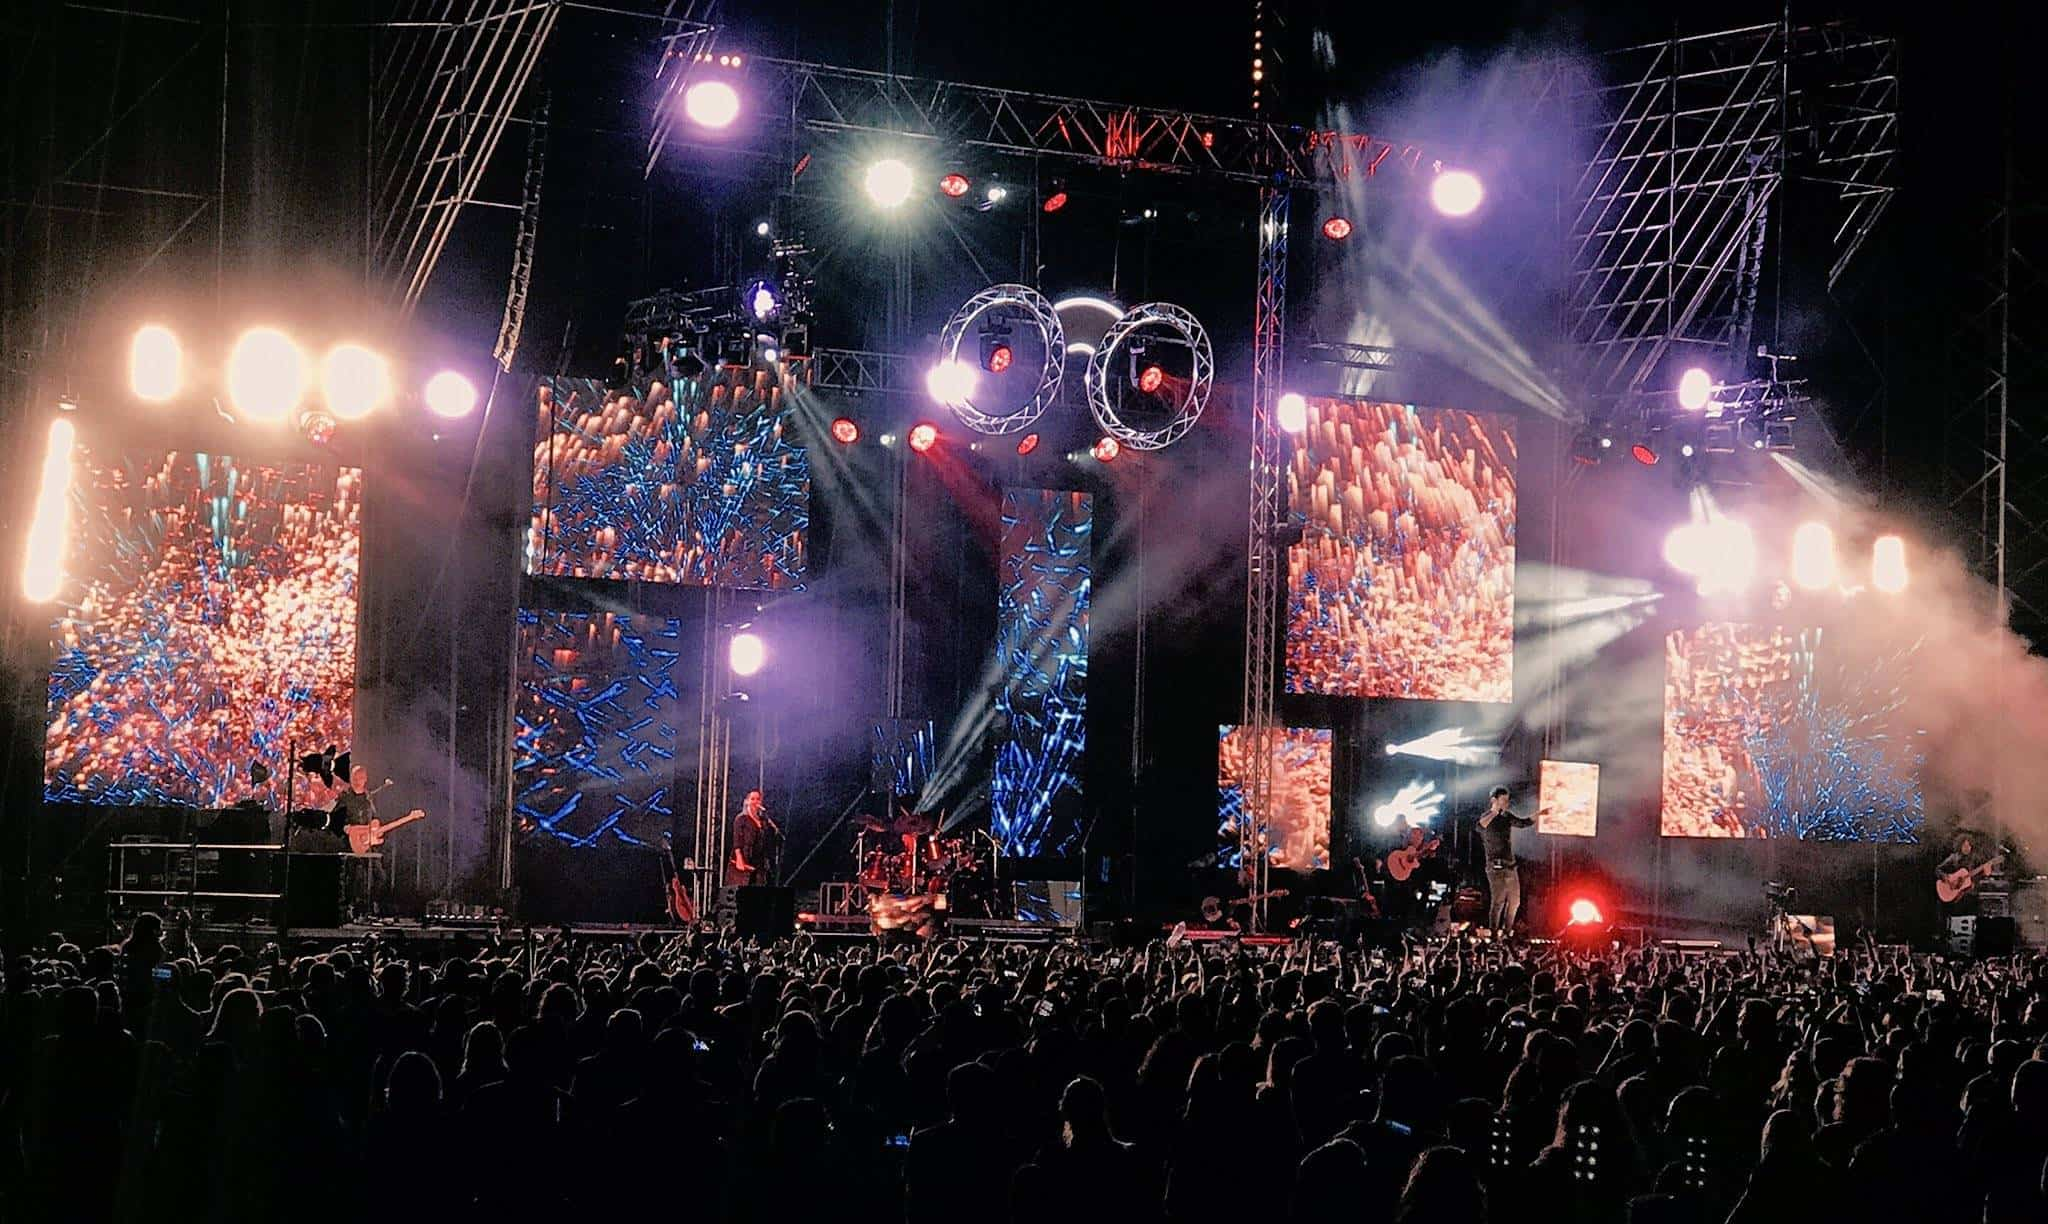 concierto melendi en herencia - Cientos de personas disfrutan del concierto de Melendi en Herencia